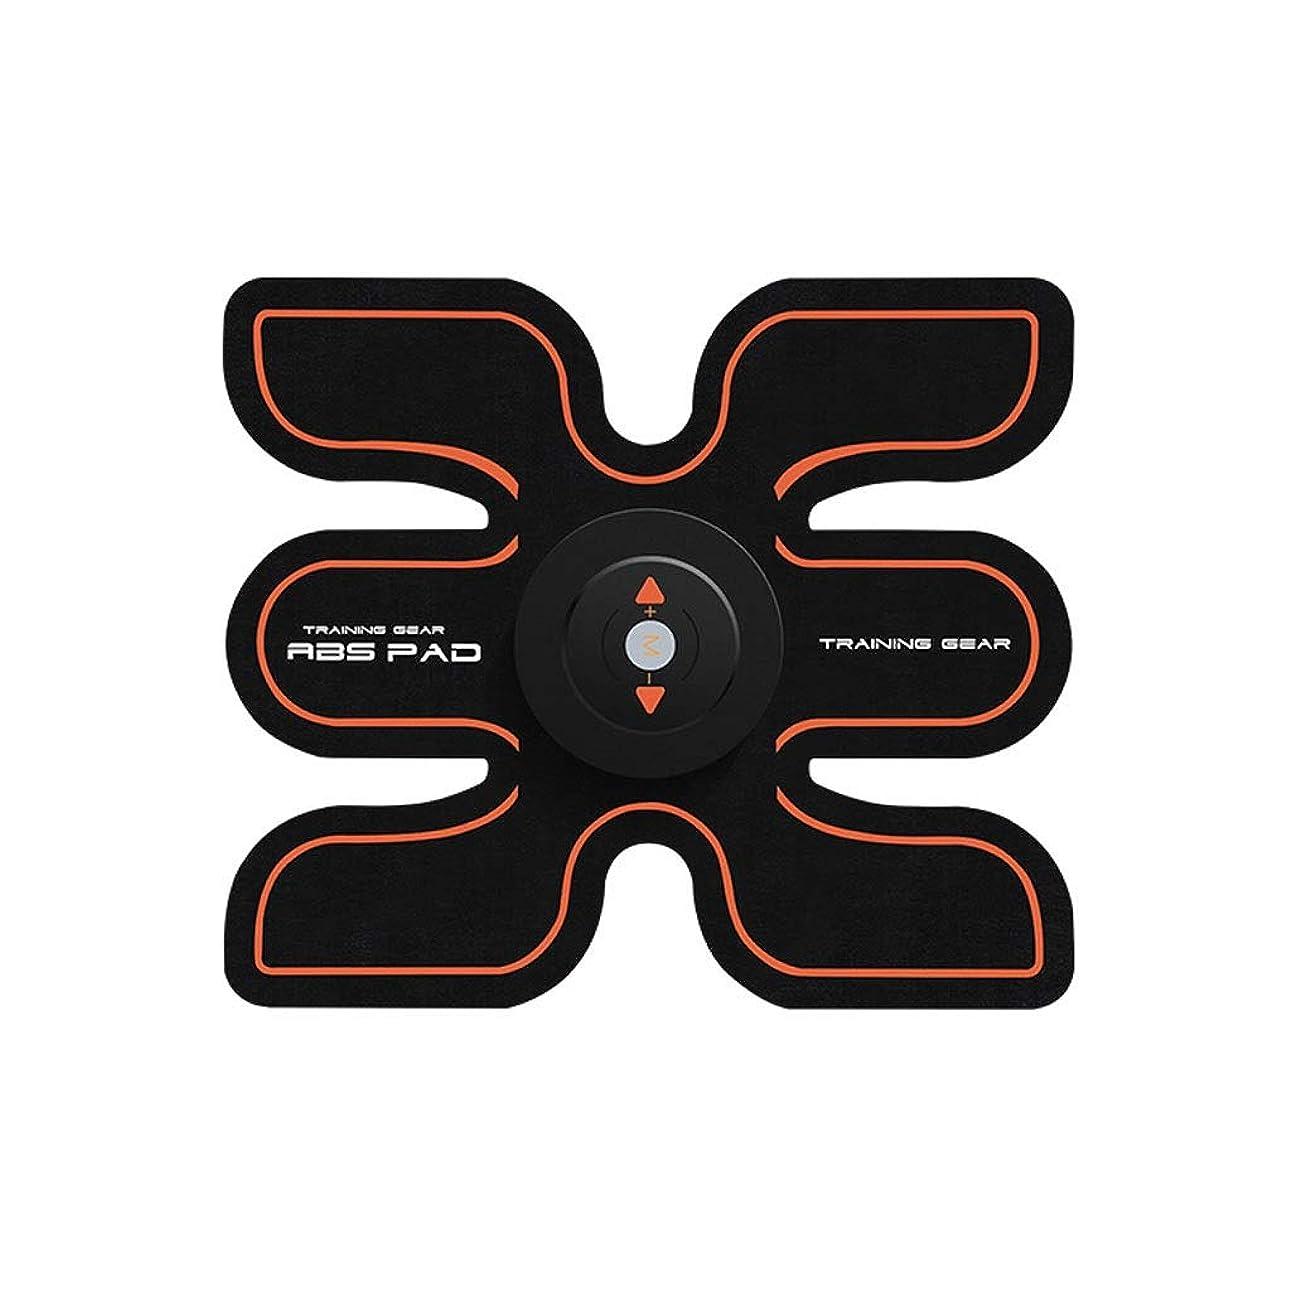 豊富に言い聞かせるチーターABSトレーナーEMS腹部電気マッスルスティミュレーターマッスルトナー調色ベルトフィットネストレーニングギアABSエクササイズマシンウエストトレーナーホームワークアウト (Size : A)